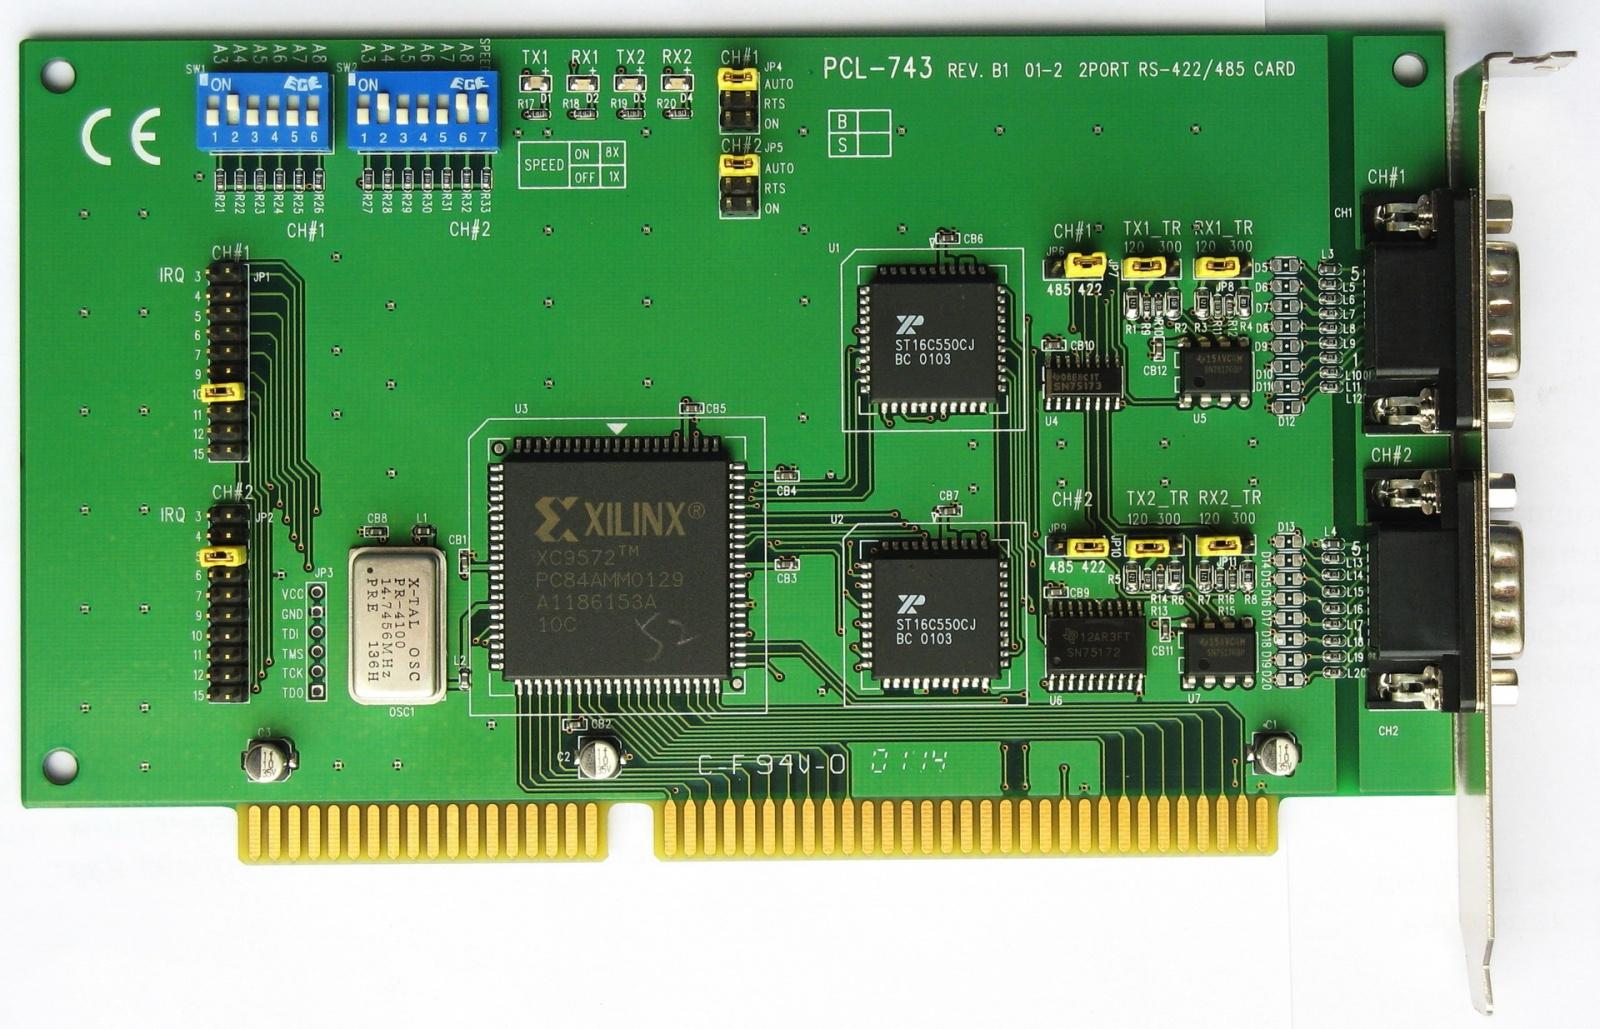 Адаптеры сопряжения RS-422 с поддержкой скоростей до 1Мбод для системной шины PCI - 1